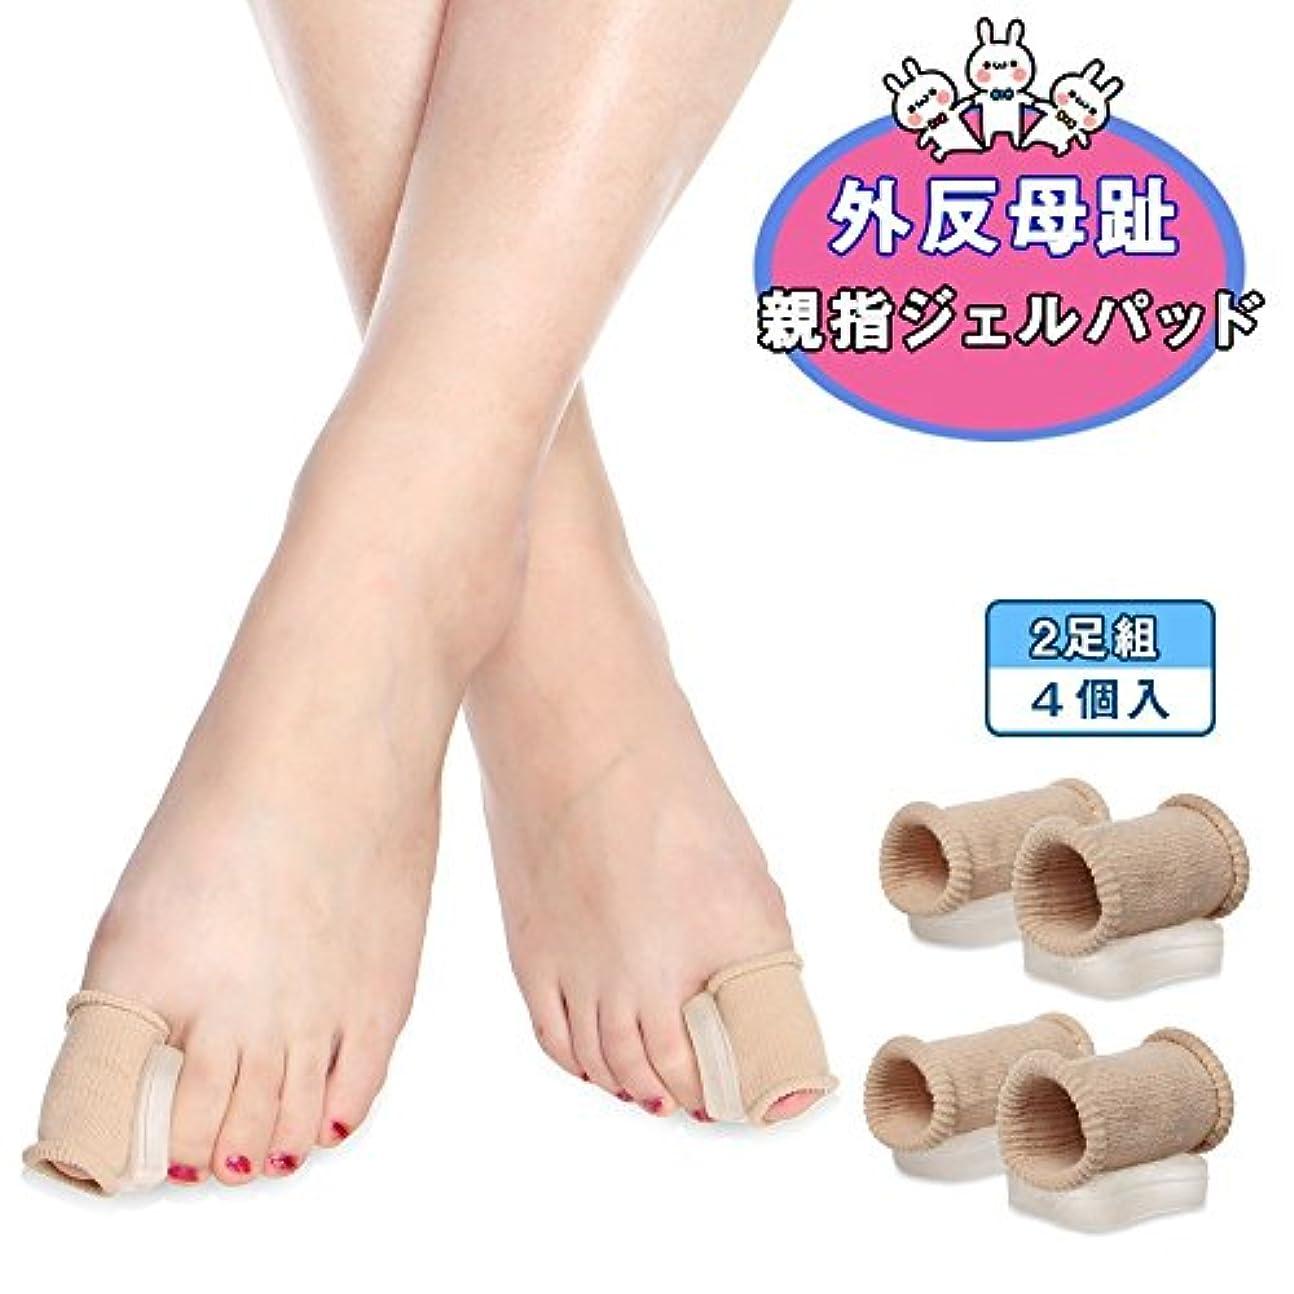 乳白色オートリーンLucktao 親指ジェルパッド, 外反母趾サポーター 指間ジェルパッド つま先矯正 足用保護パッド 足指セパレーター 親指曲がりの緩和 足指サポーター 4個入り